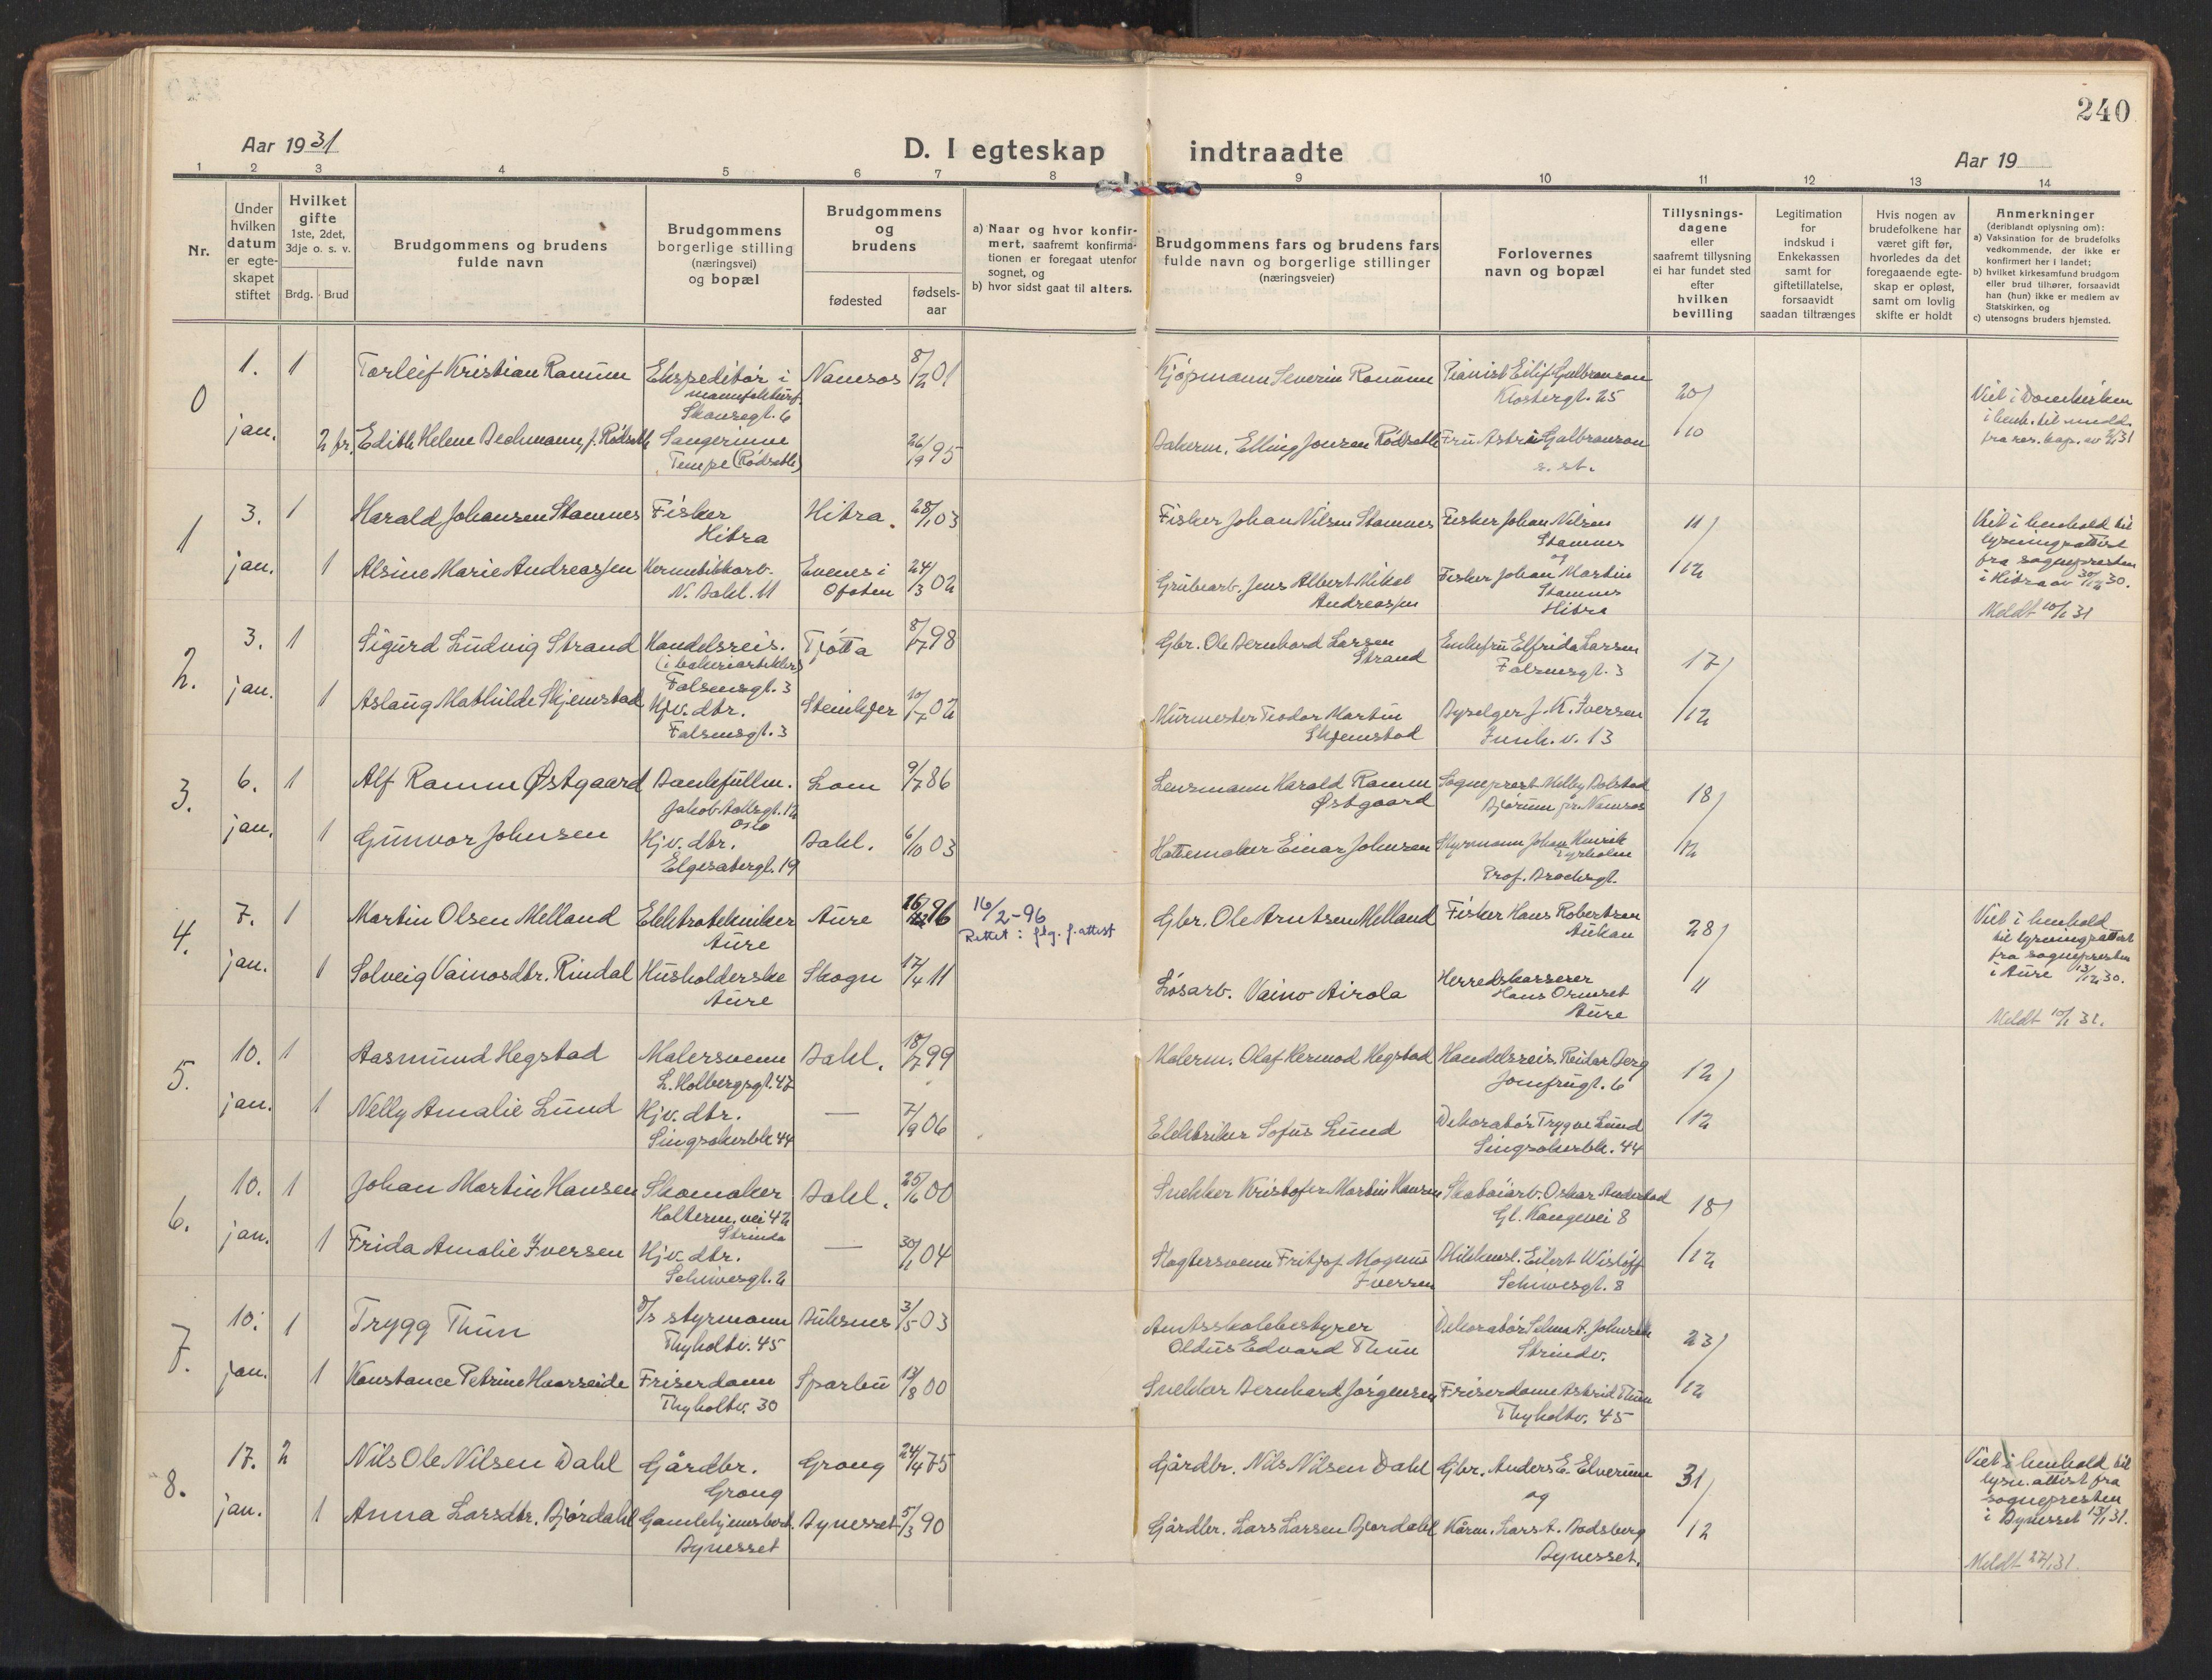 SAT, Ministerialprotokoller, klokkerbøker og fødselsregistre - Sør-Trøndelag, 604/L0206: Ministerialbok nr. 604A26, 1917-1931, s. 240